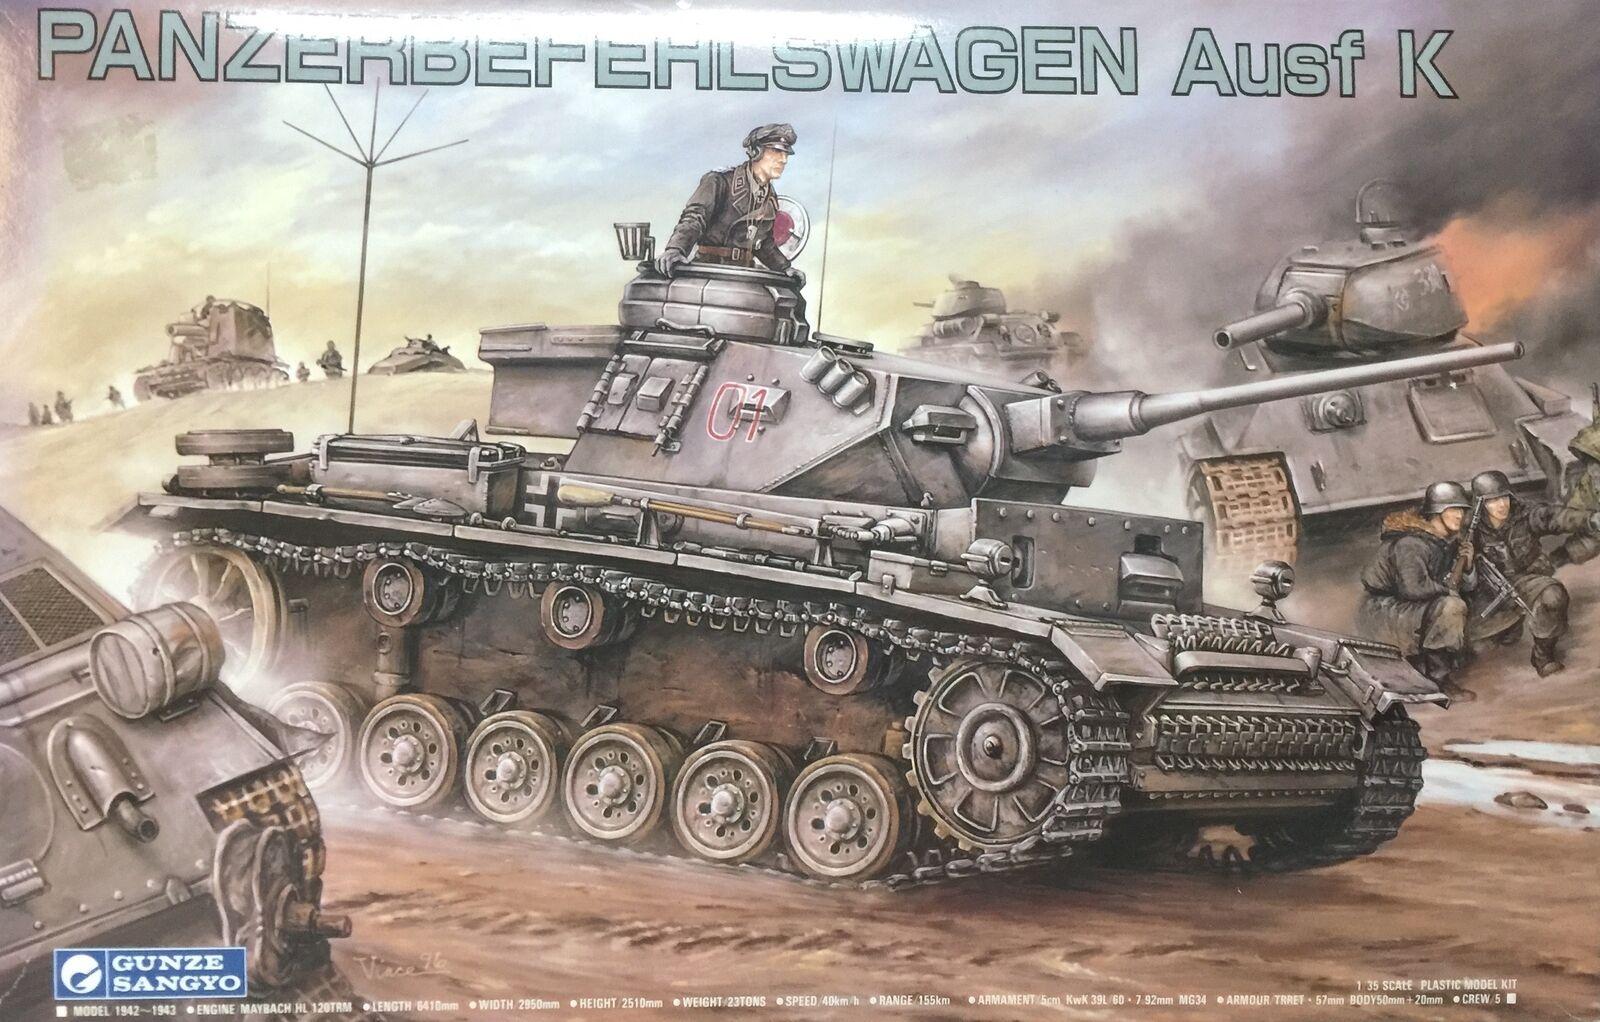 Gunze Sangyo Panzerbefehlswagen Ausf K Ref 772  Escala 1 35  magasiner en ligne aujourd'hui